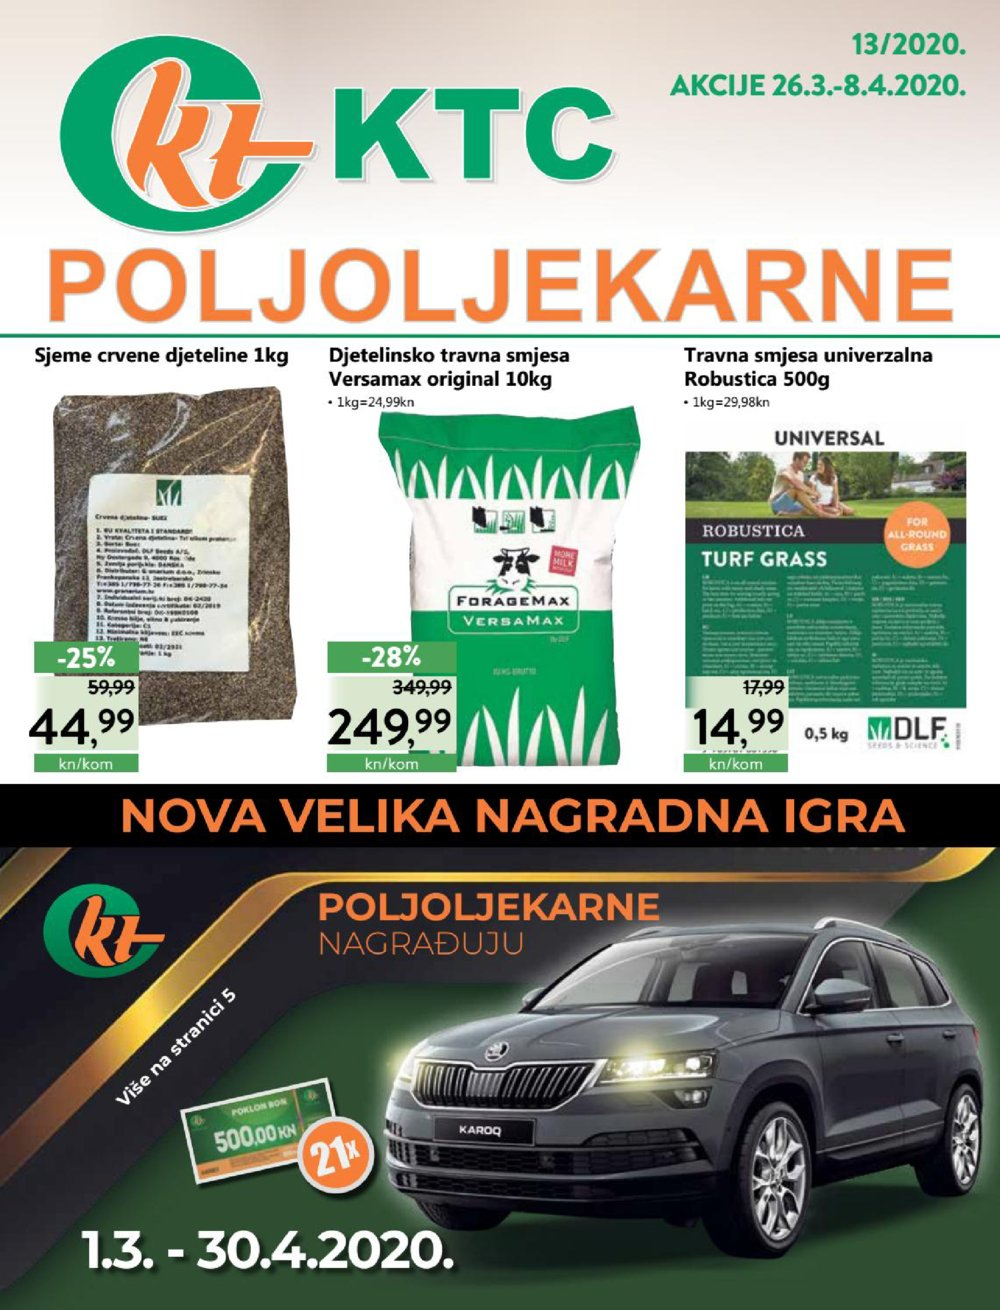 KTC katalog Akcija Poljoljekarna 26.03.-08.04.2020.